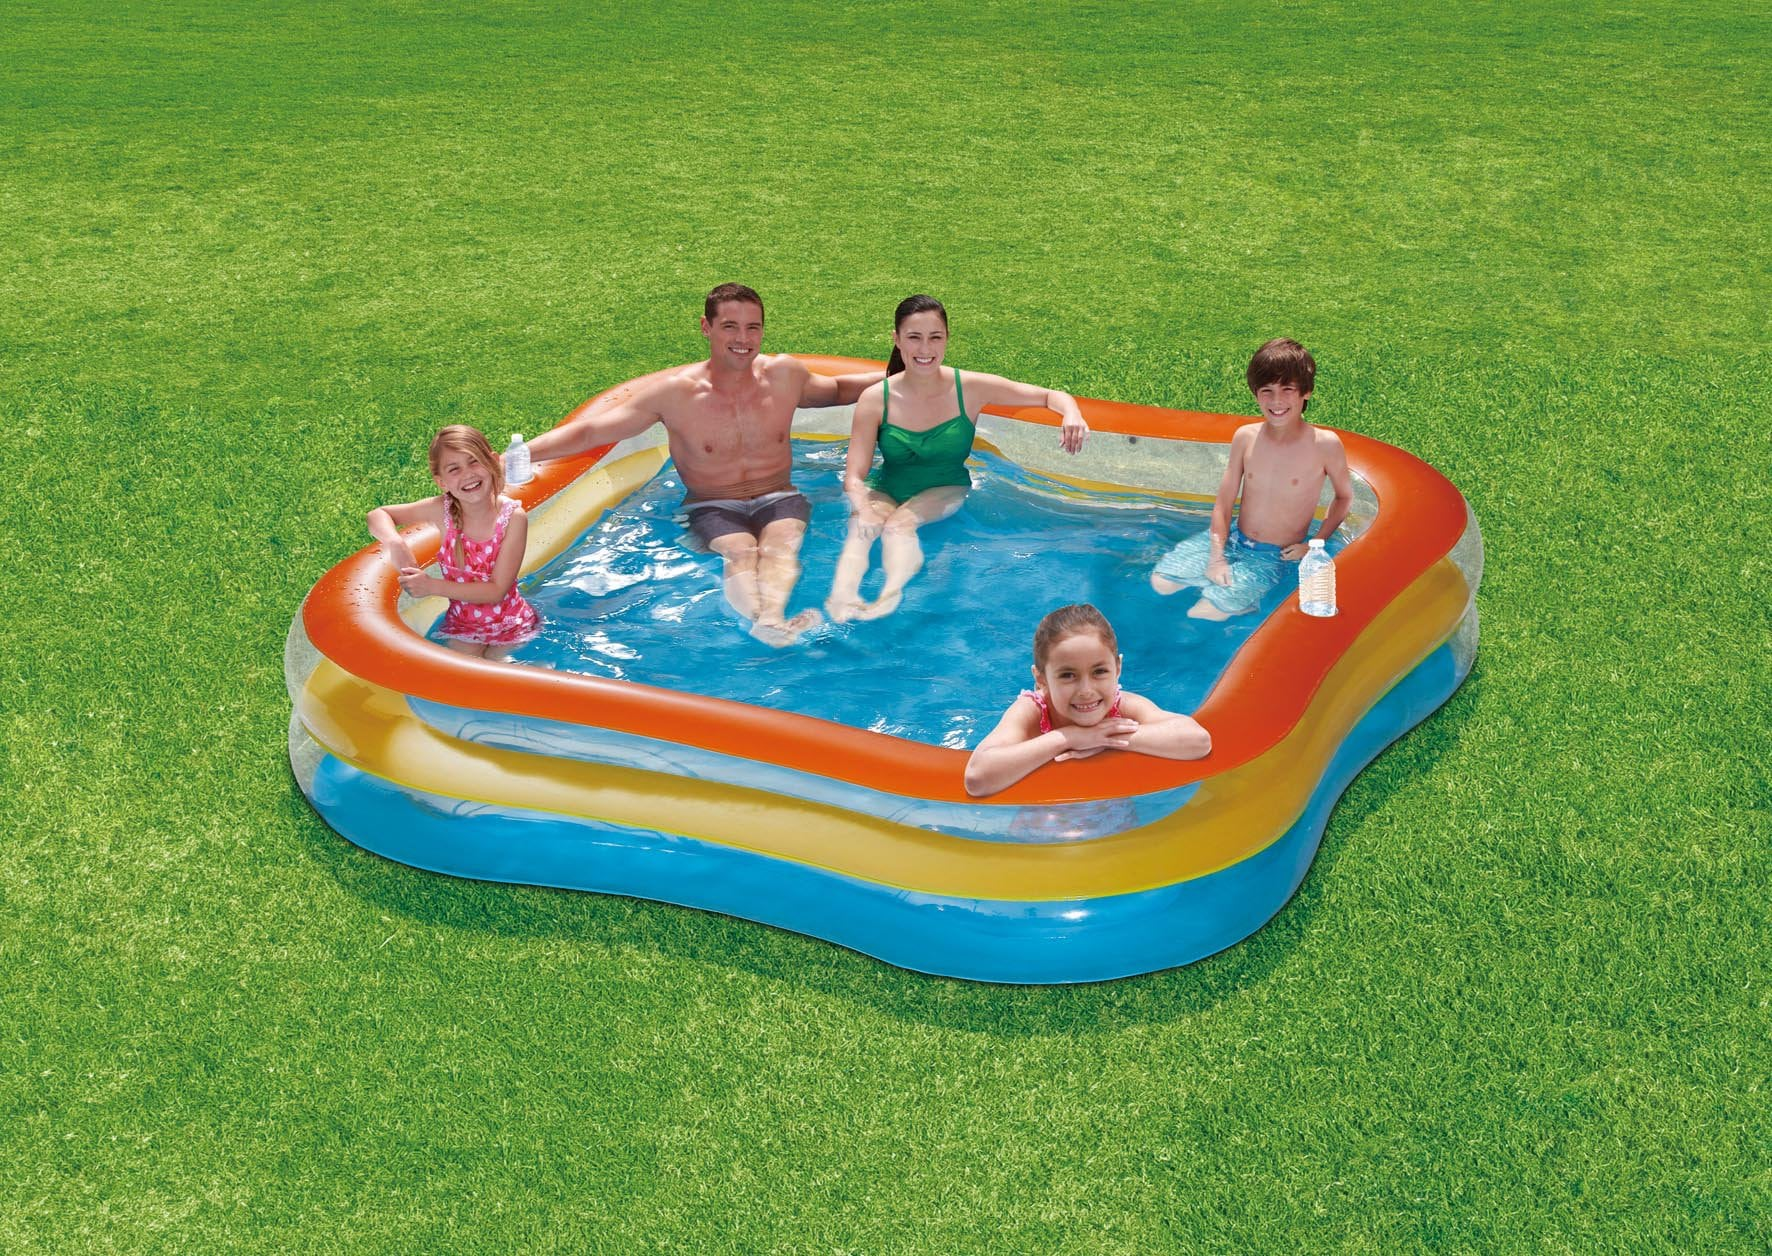 Family pool quadratisch migros - Pool quadratisch ...